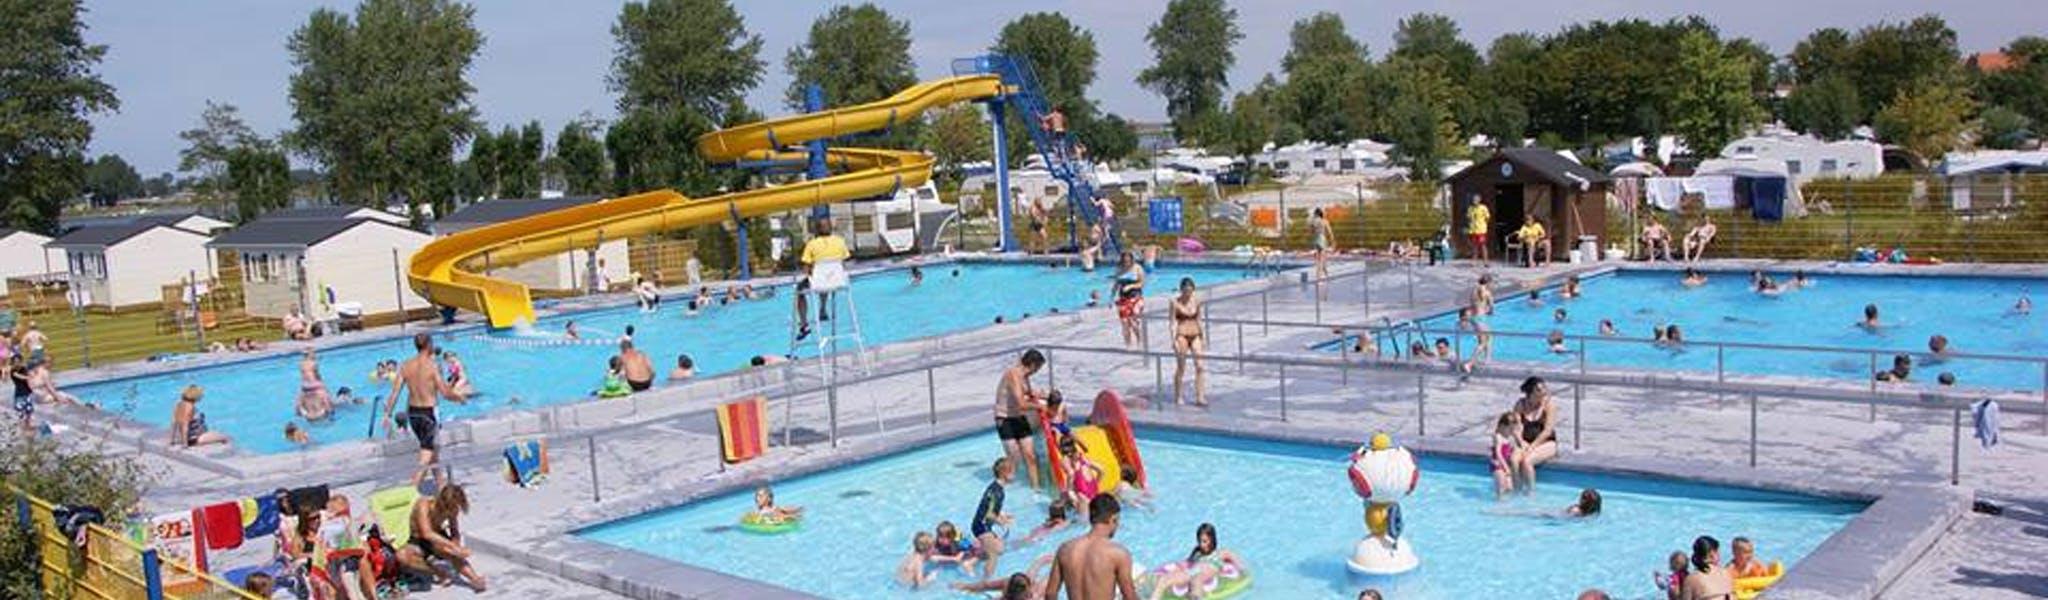 Zwembad Kompas Camping Nieuwpoort